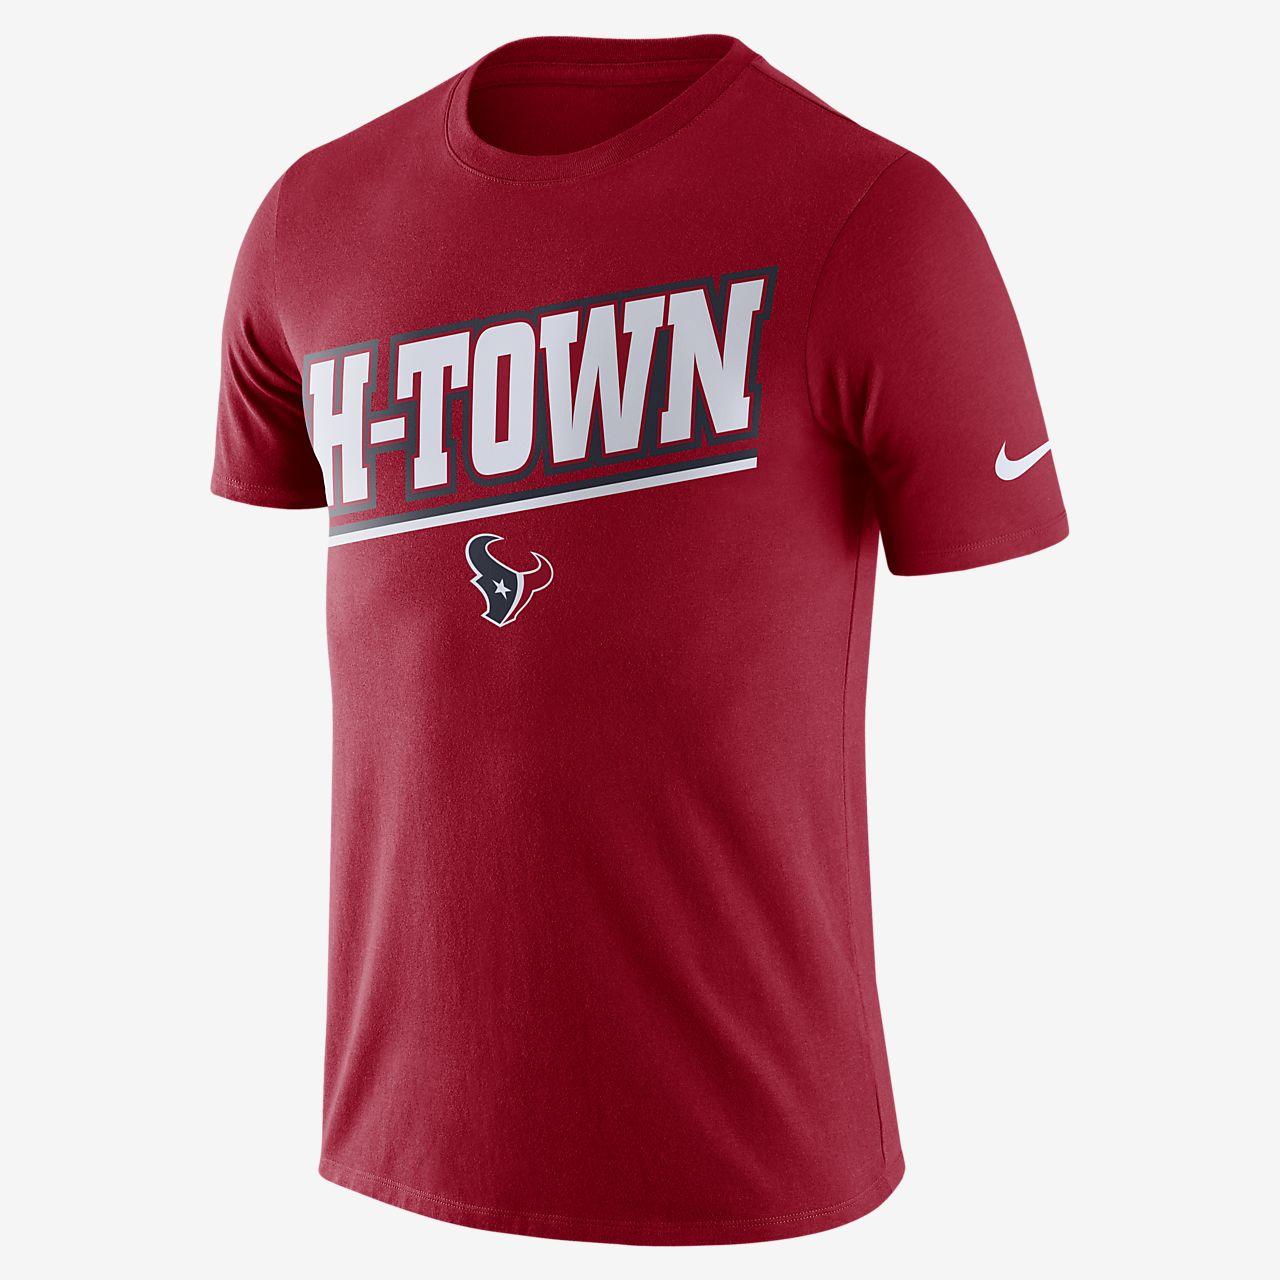 Nike Dri-FIT (NFL Texans) Big Kids' T-Shirt